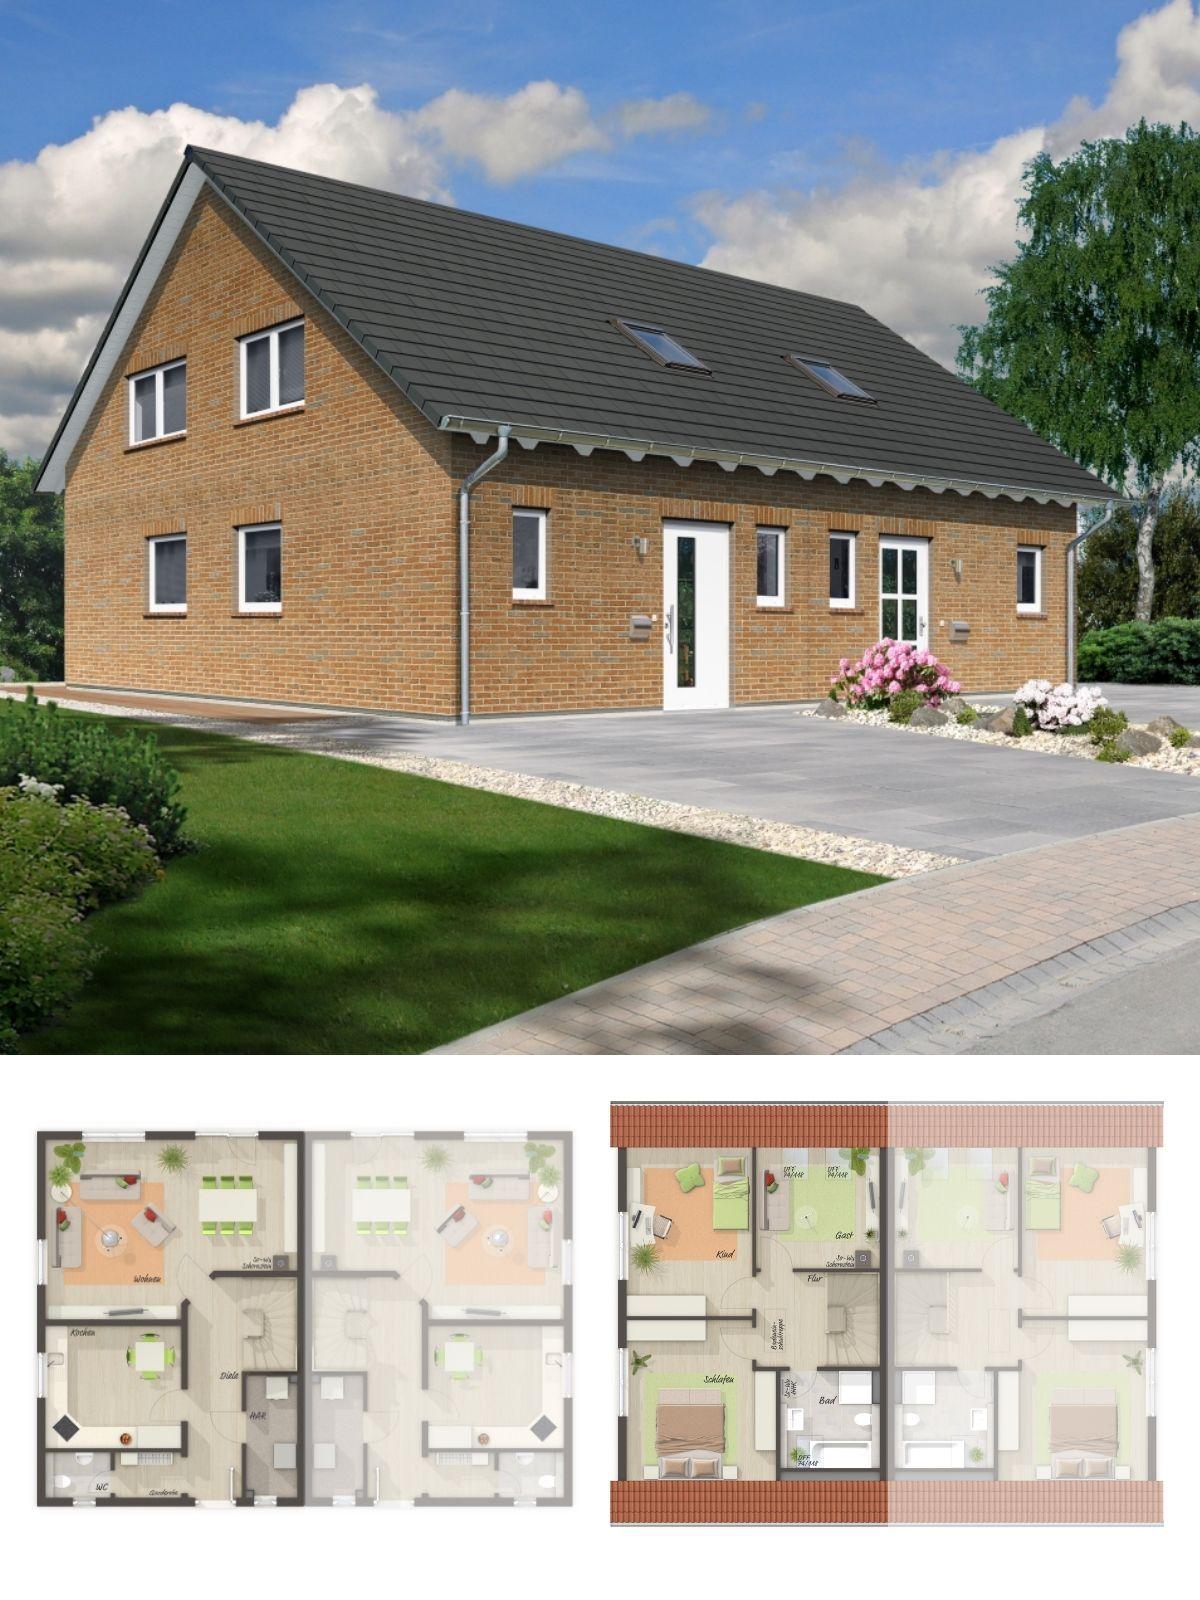 Doppelhaushälfte mit Satteldach Architektur, Klinker